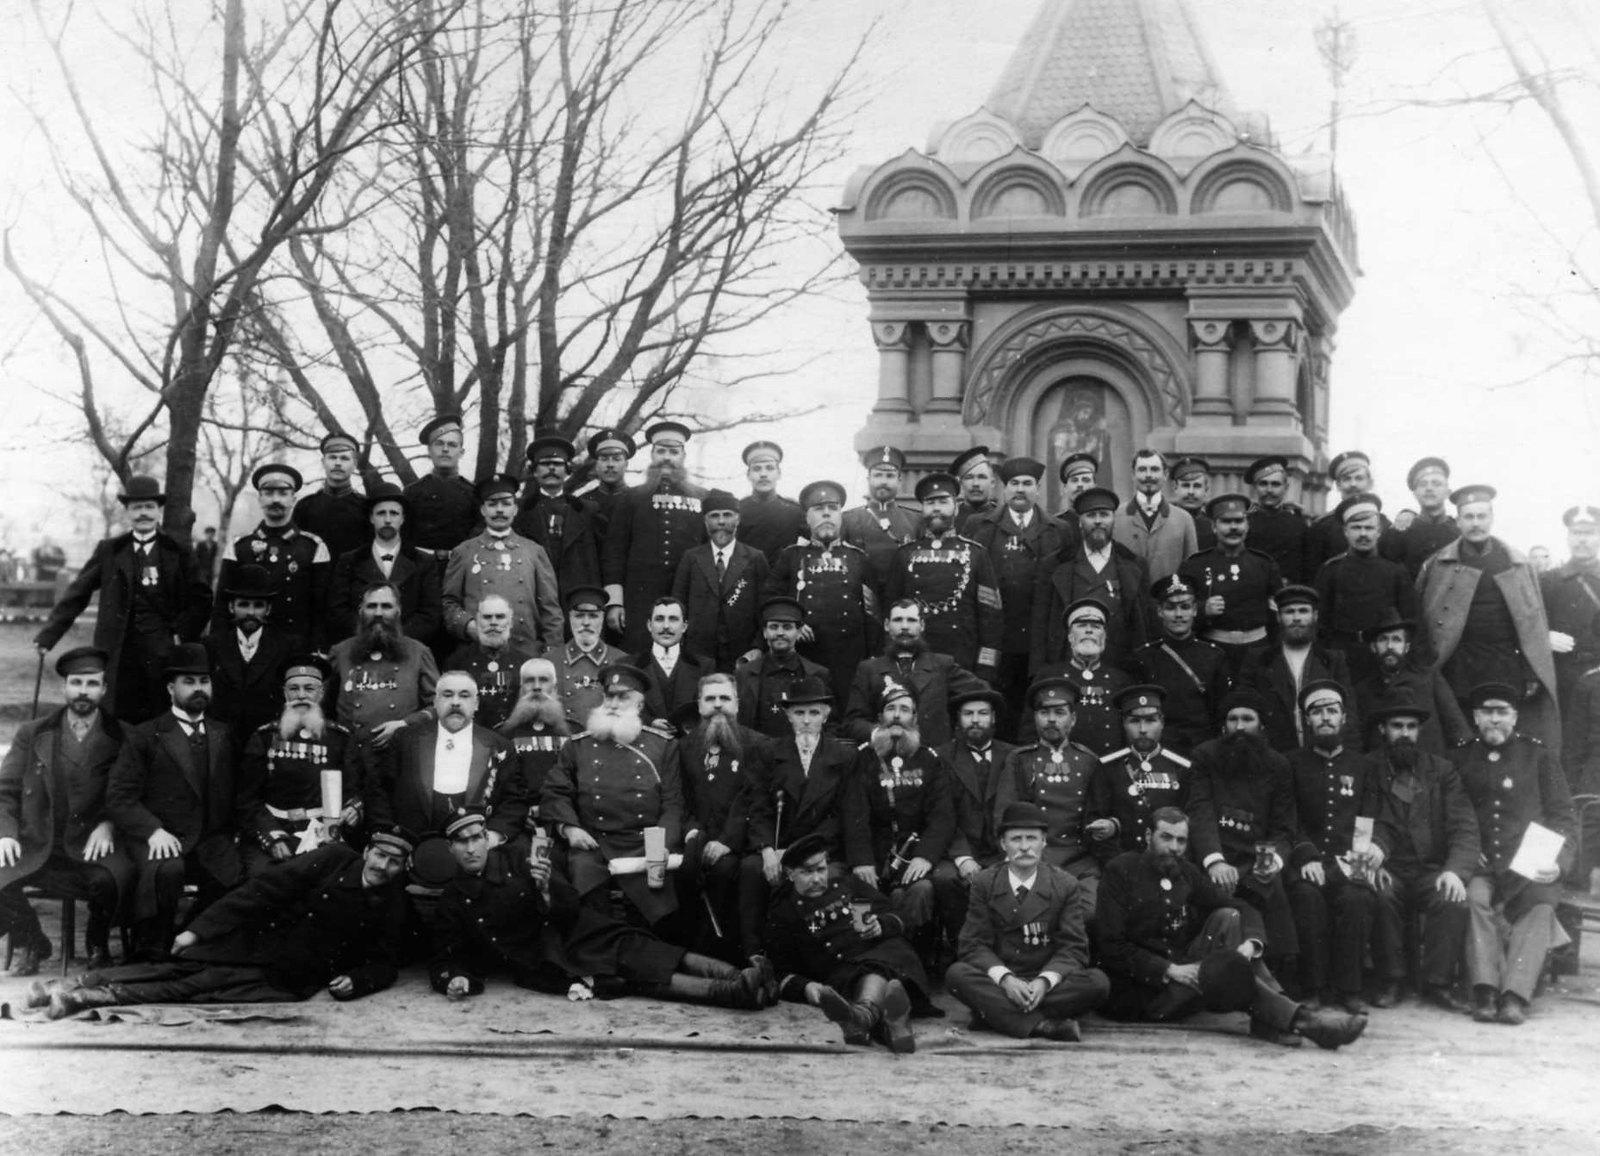 1906. Группа бывших гренадеров в день празднования 150-летия Гренадерского полка